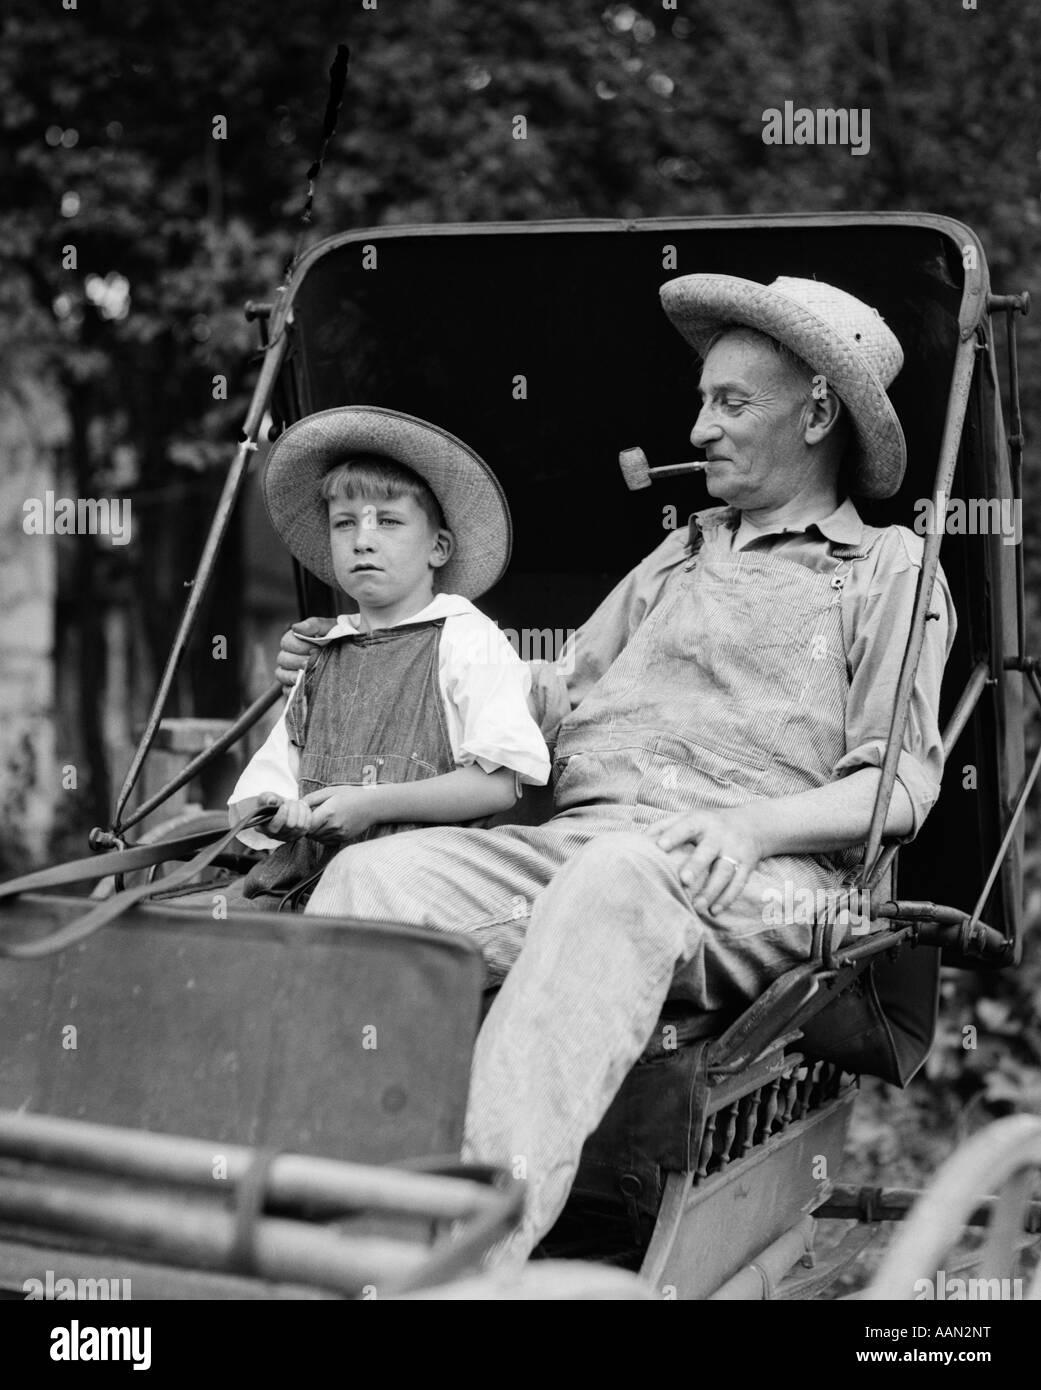 1930 GRANJA BOY & abuelo en monos y los sombreros de paja sentados en Pequeño buggy Imagen De Stock